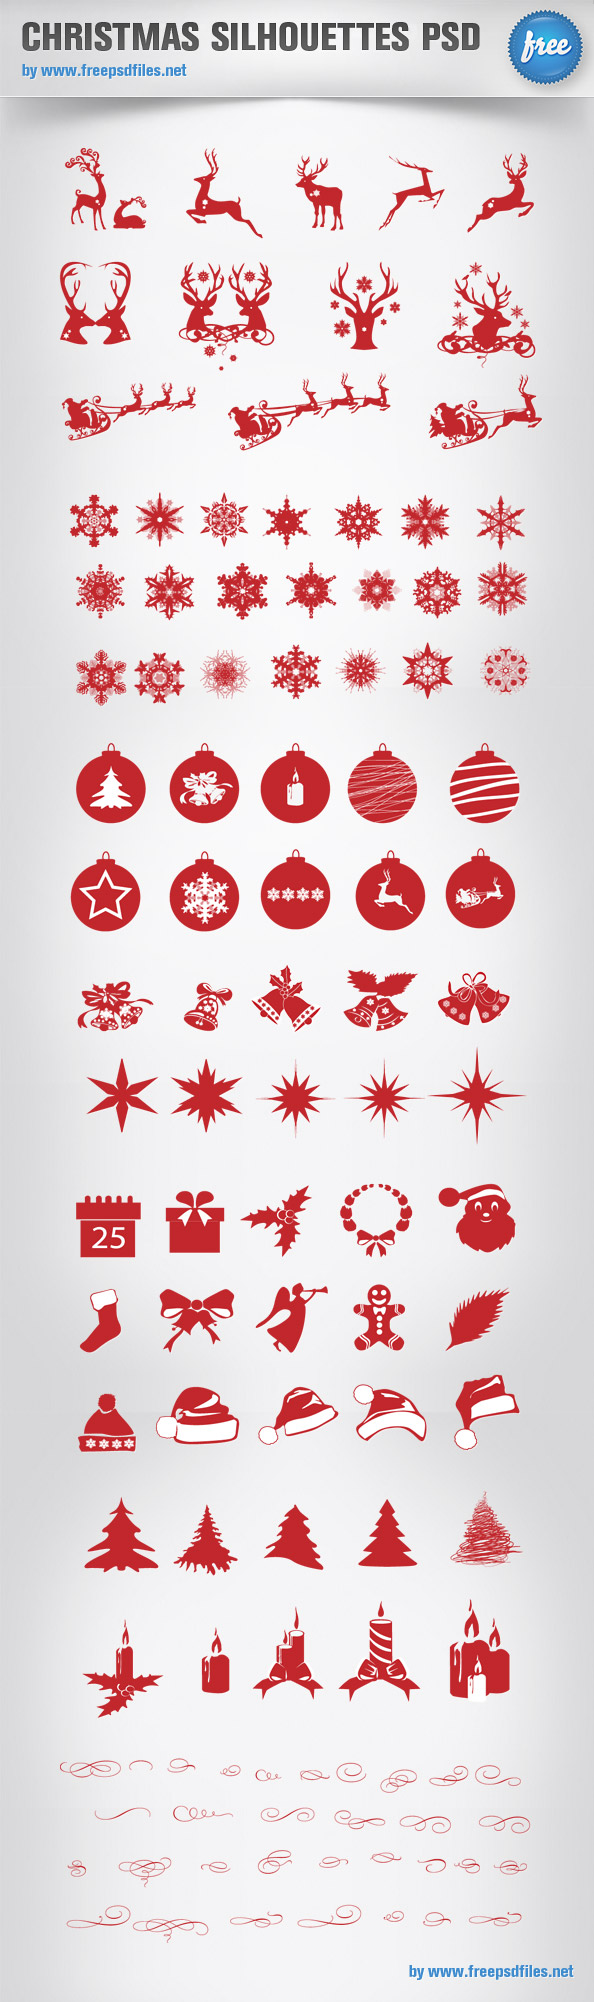 siluetas navideñas